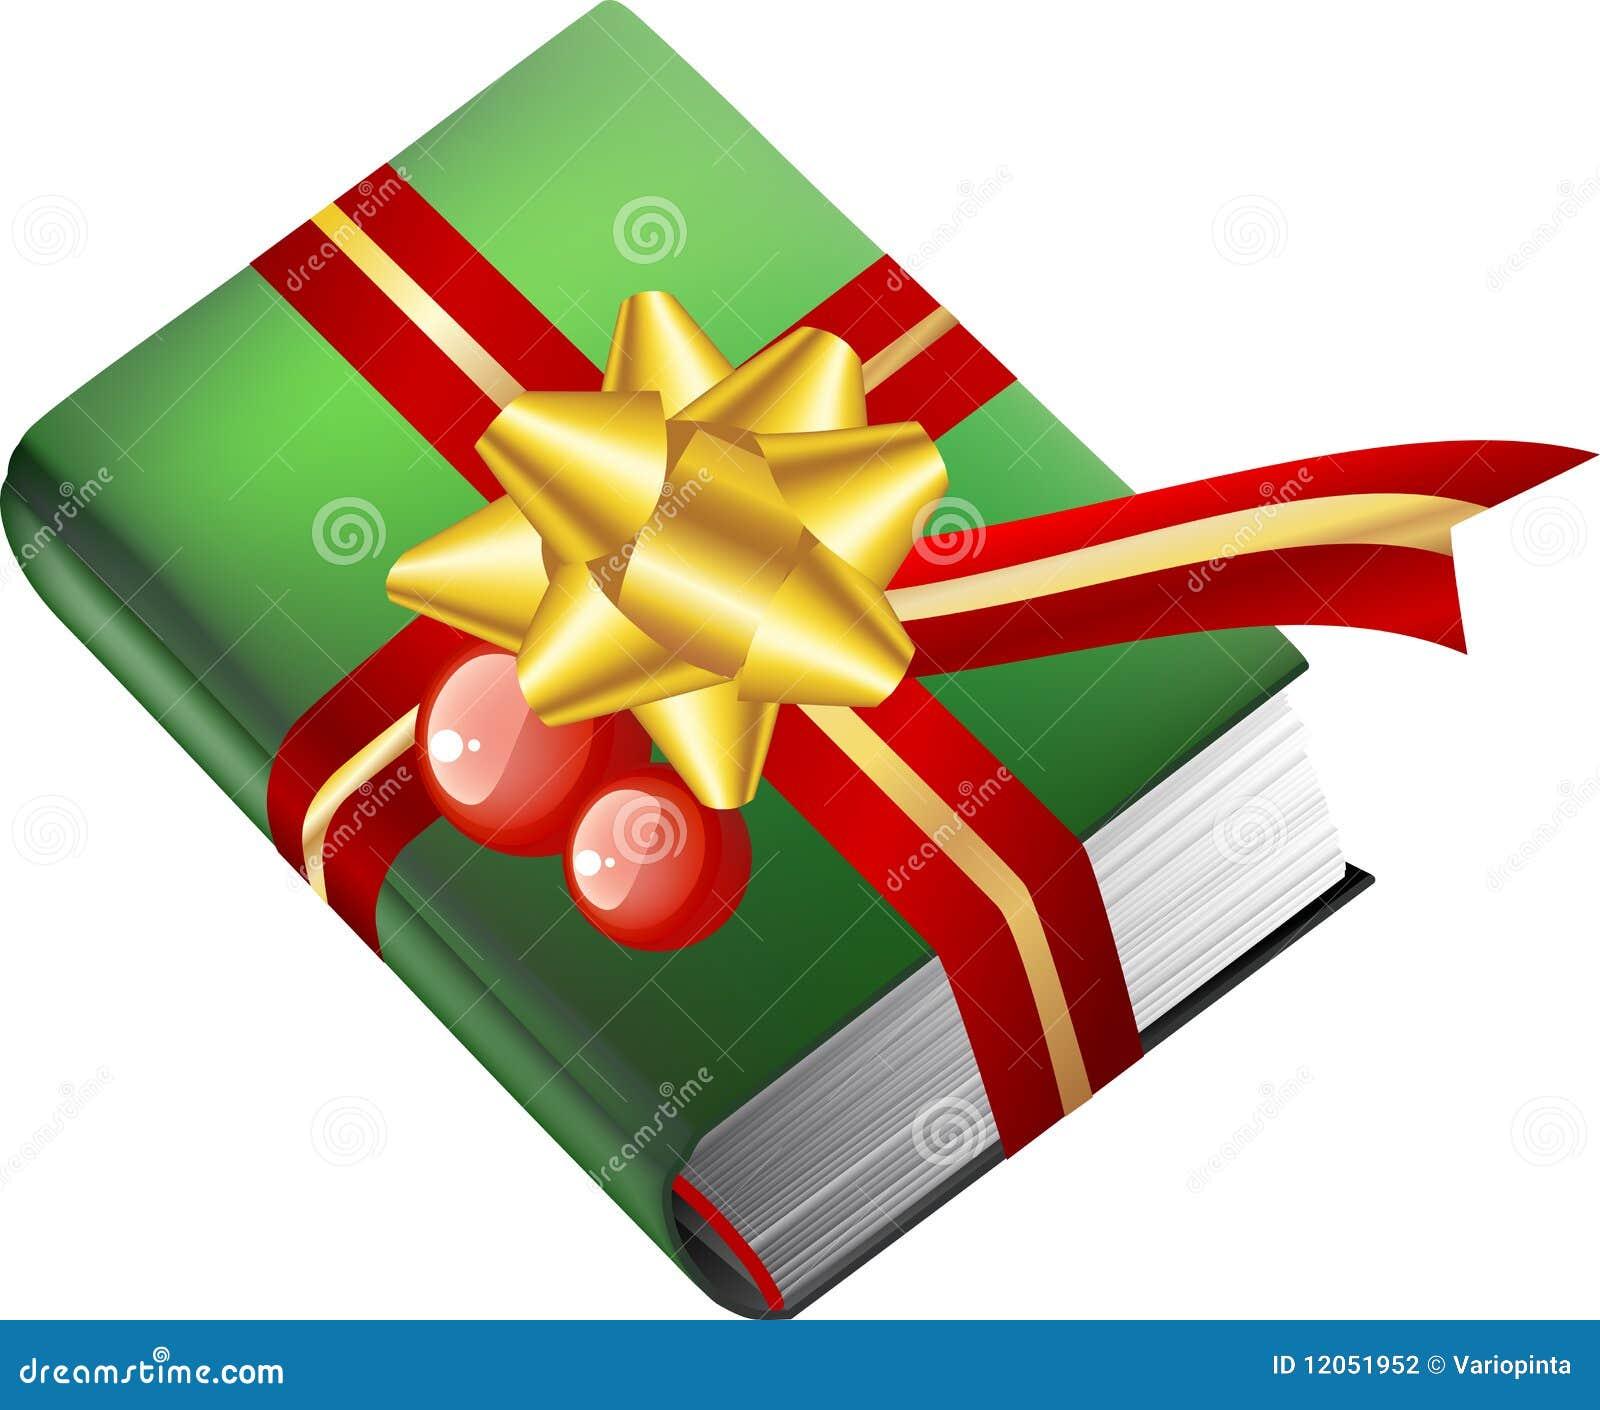 Buch Geschenk Weihnachten.Buchgeschenk Für Weihnachten Vektor Abbildung Illustration Von